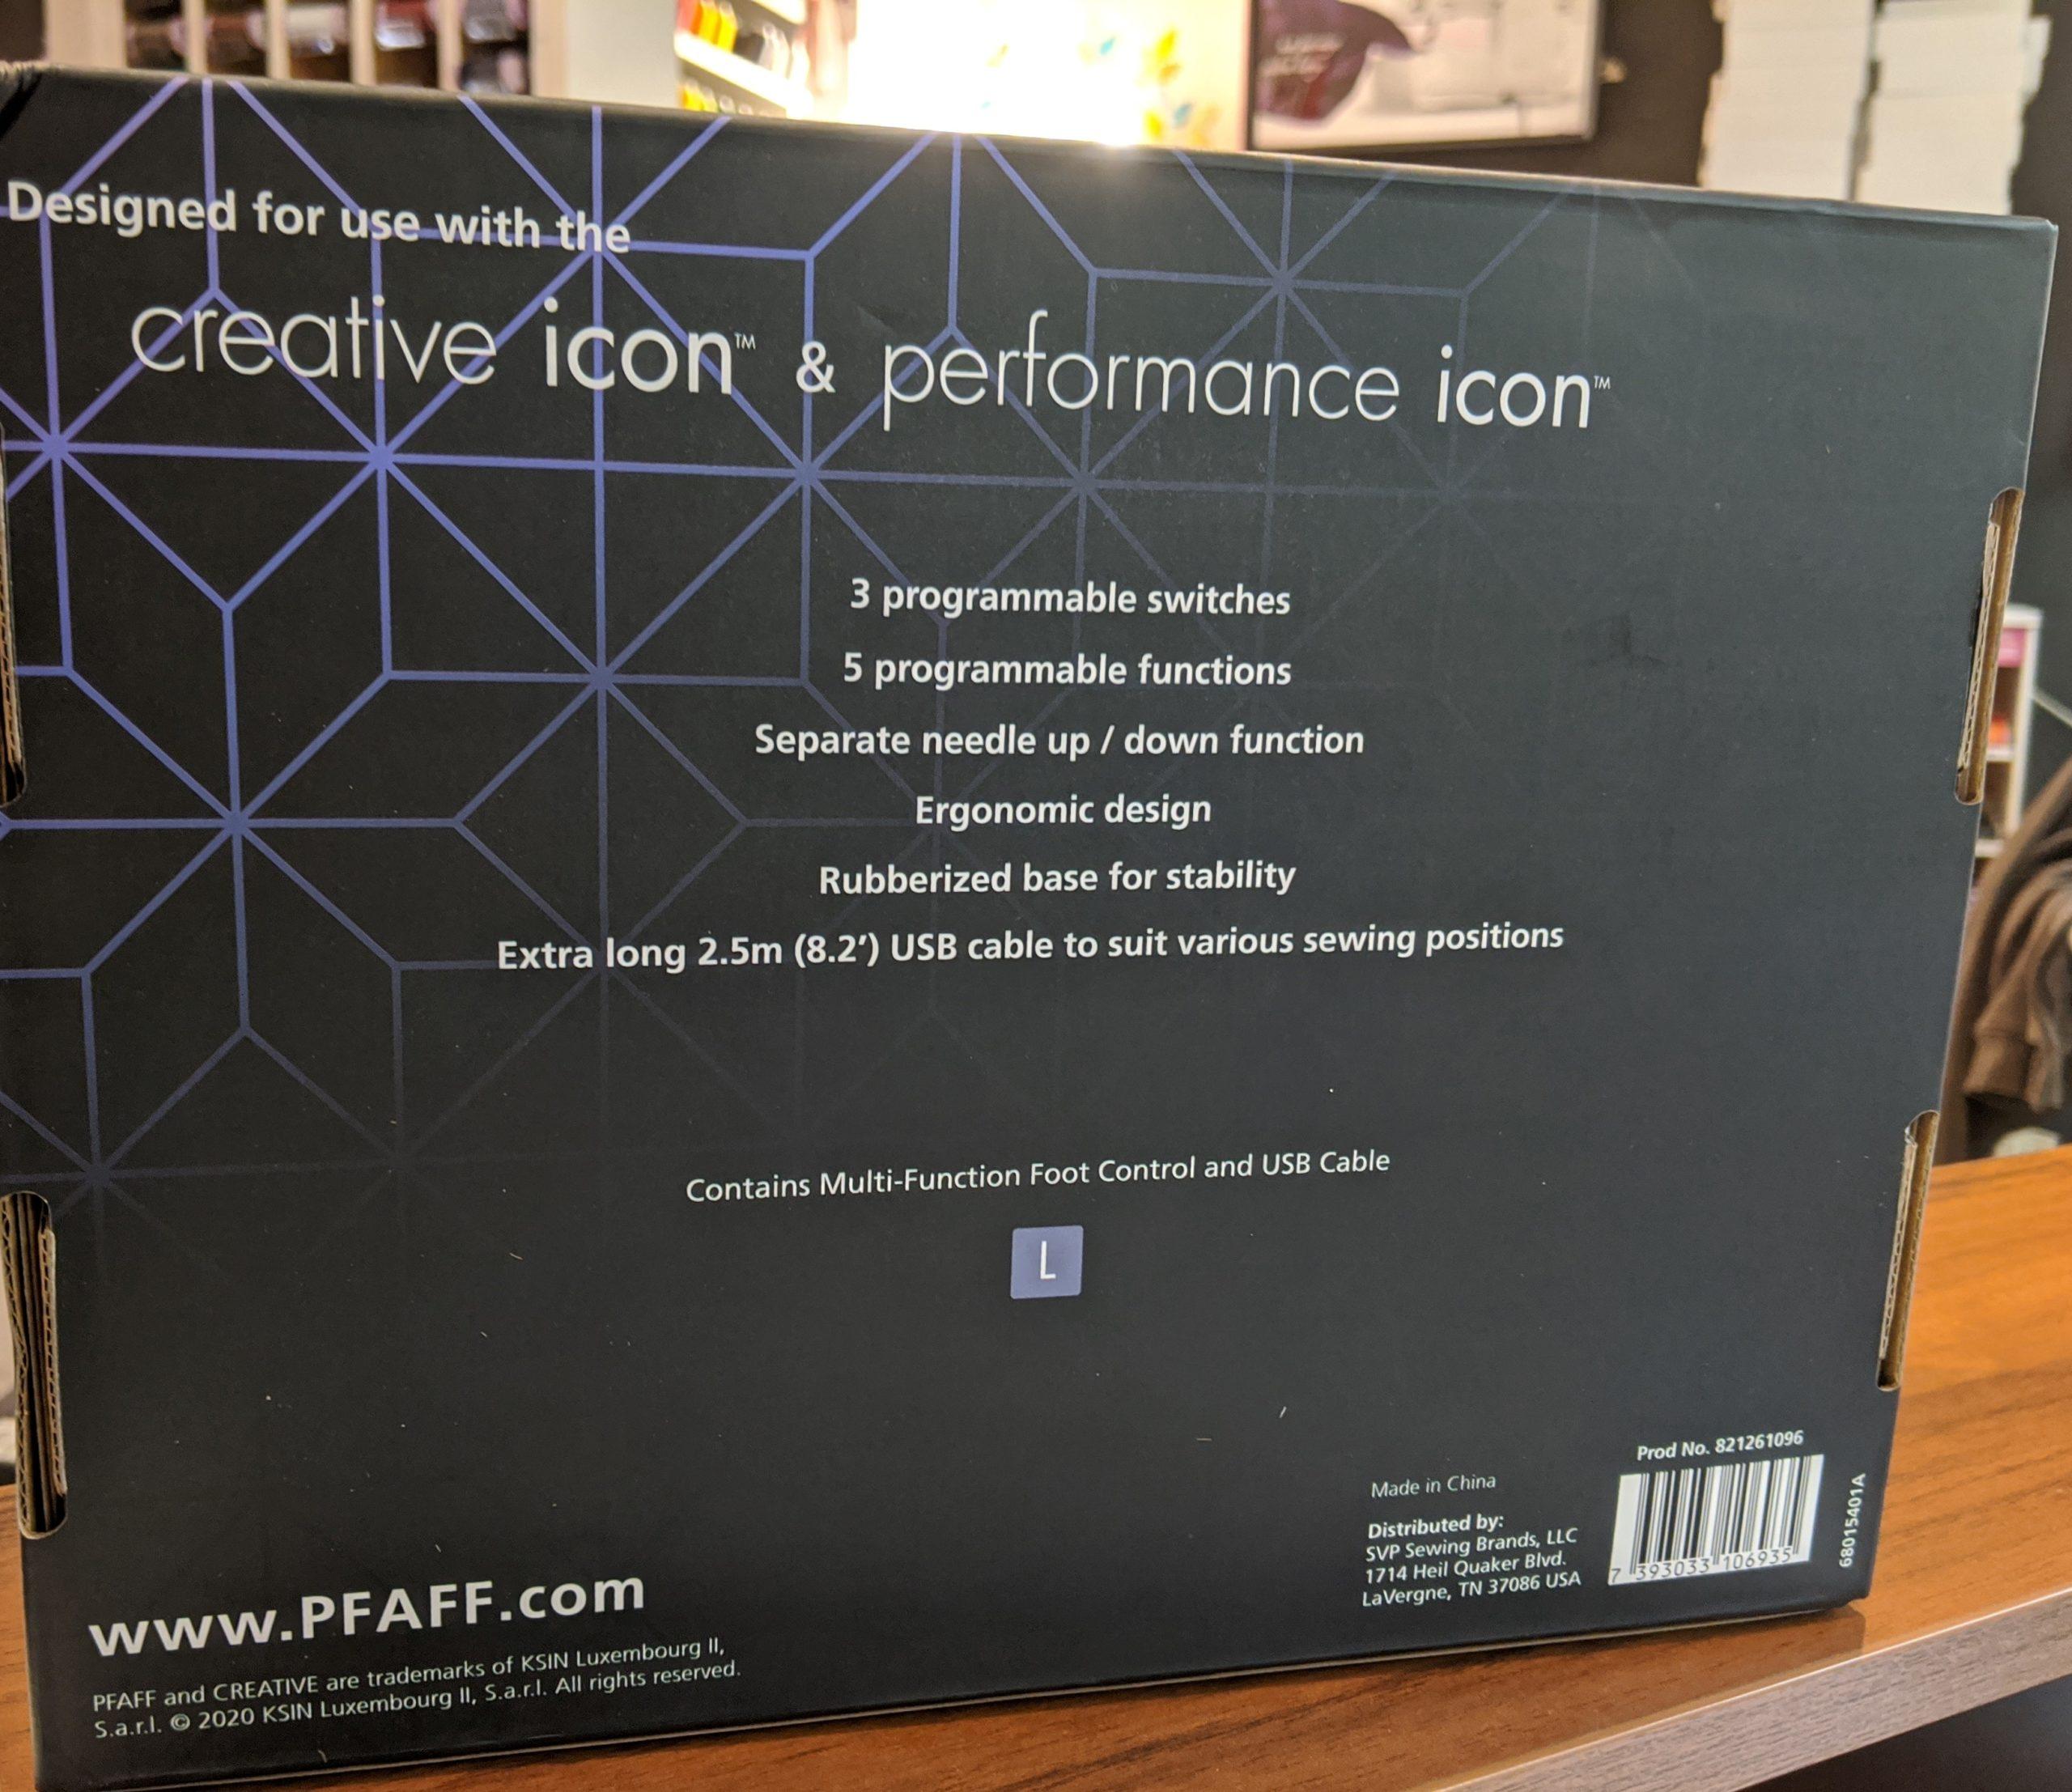 pedale-multi-fonction-pfaff-mcp-lyon-icon.jpg